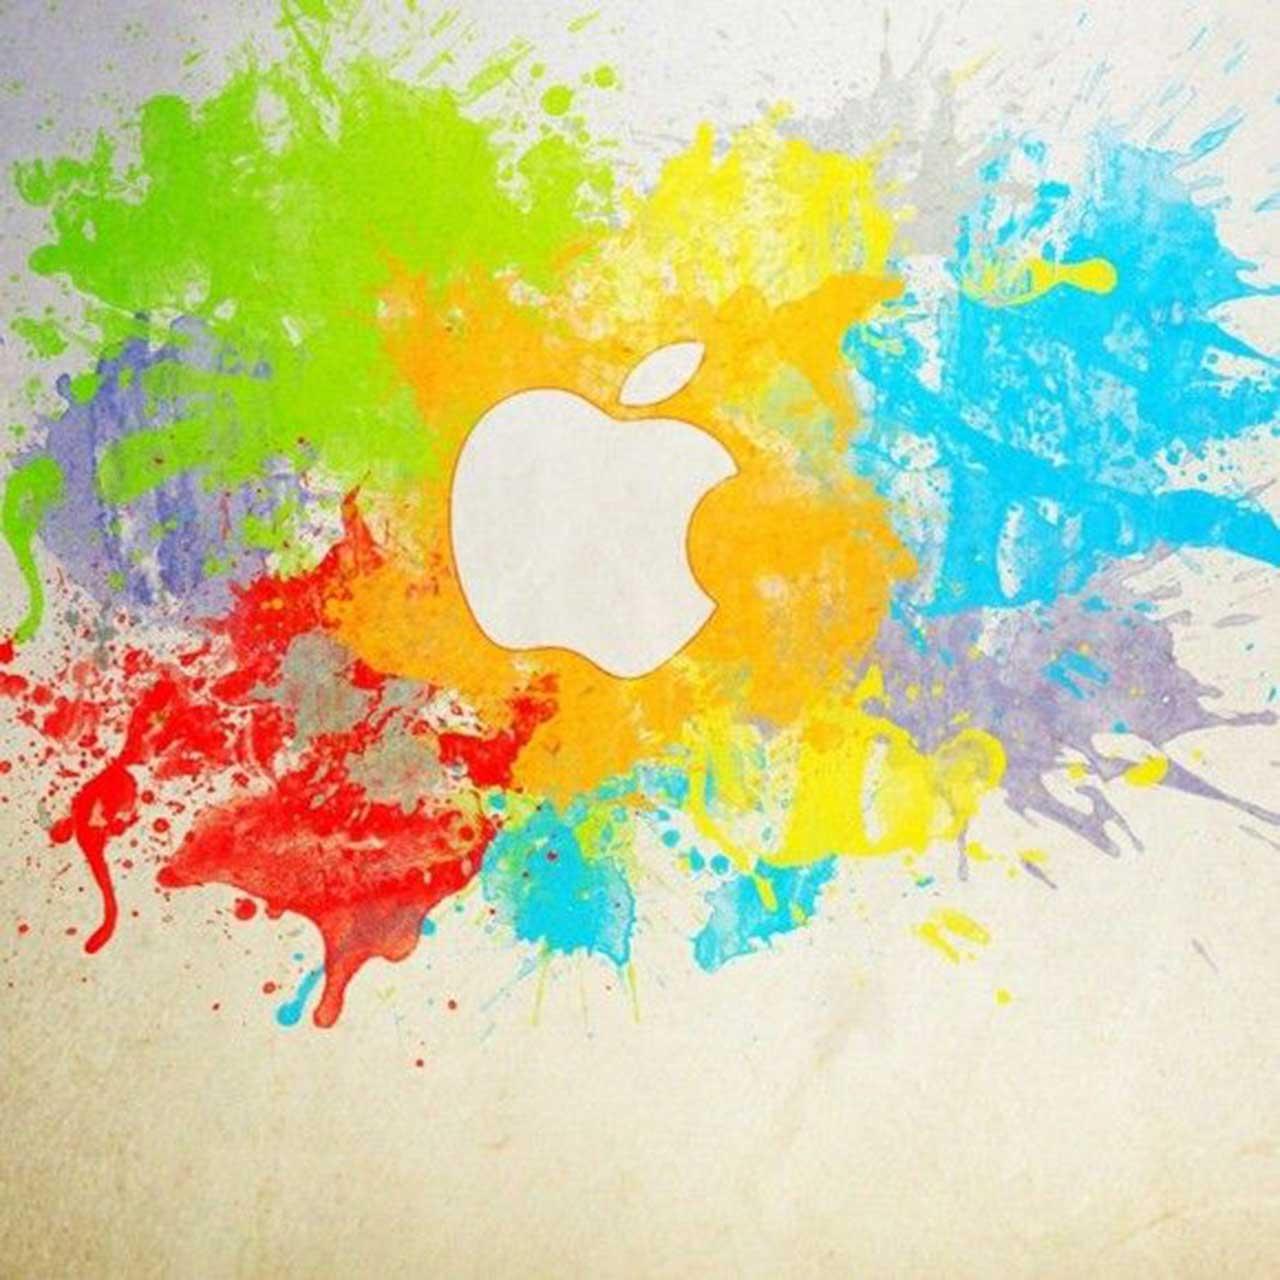 paint splatter apple logo wallpaper